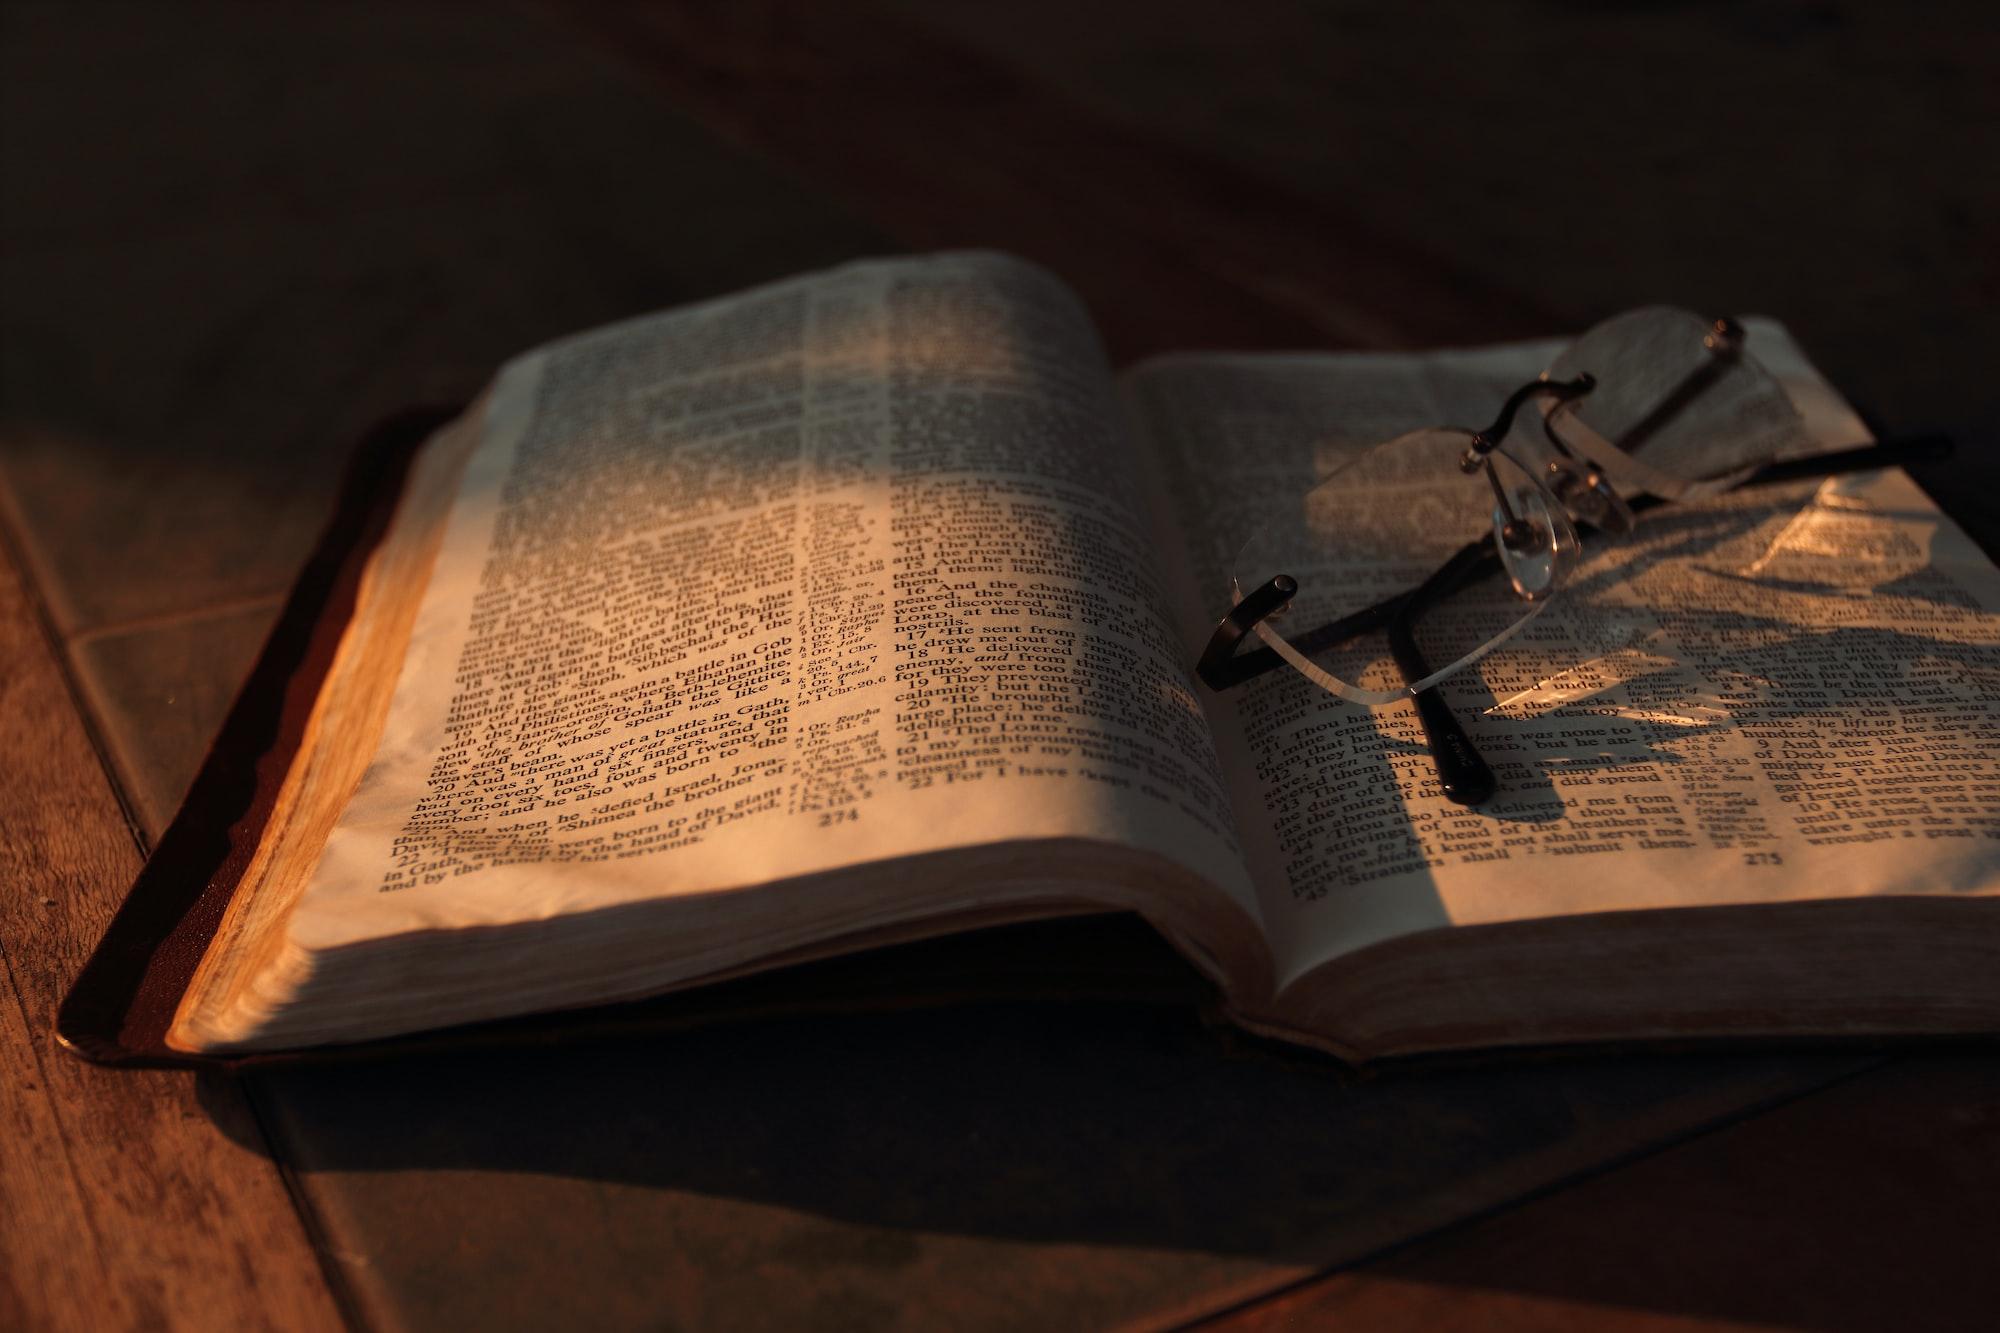 My Life Verse: Romans 8:38-39